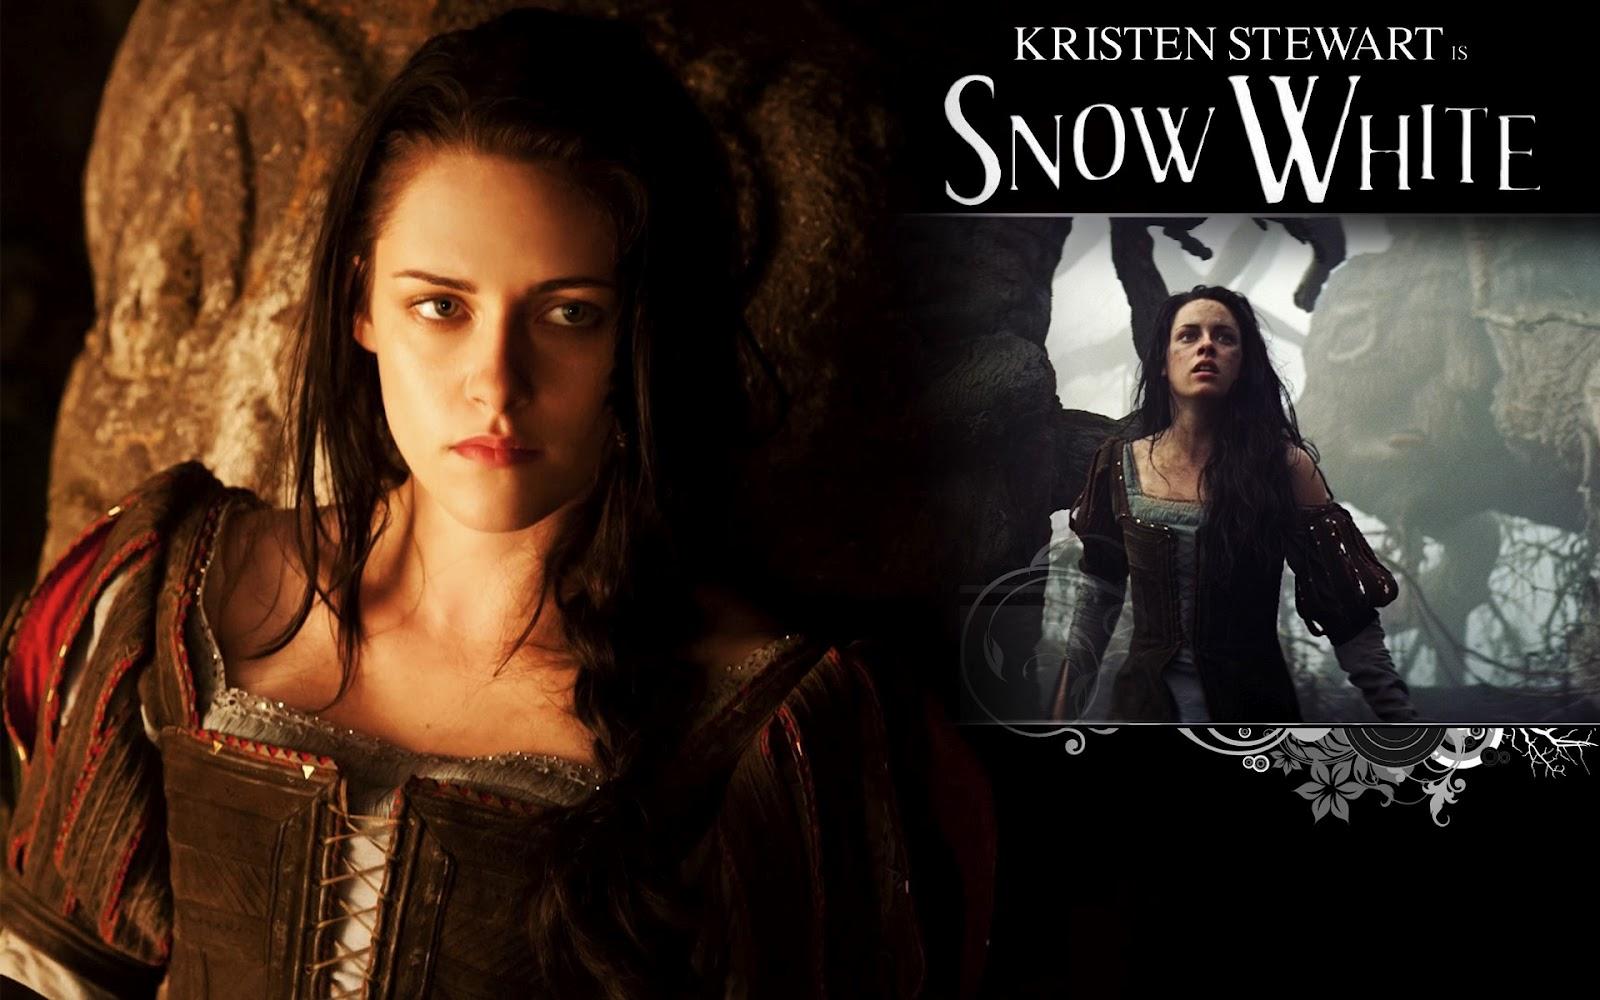 http://3.bp.blogspot.com/-HeesunecDjw/UCvXPXam5qI/AAAAAAAAEqI/Pajo28epaLg/s1600/kristen_stewart_snow_white.jpeg